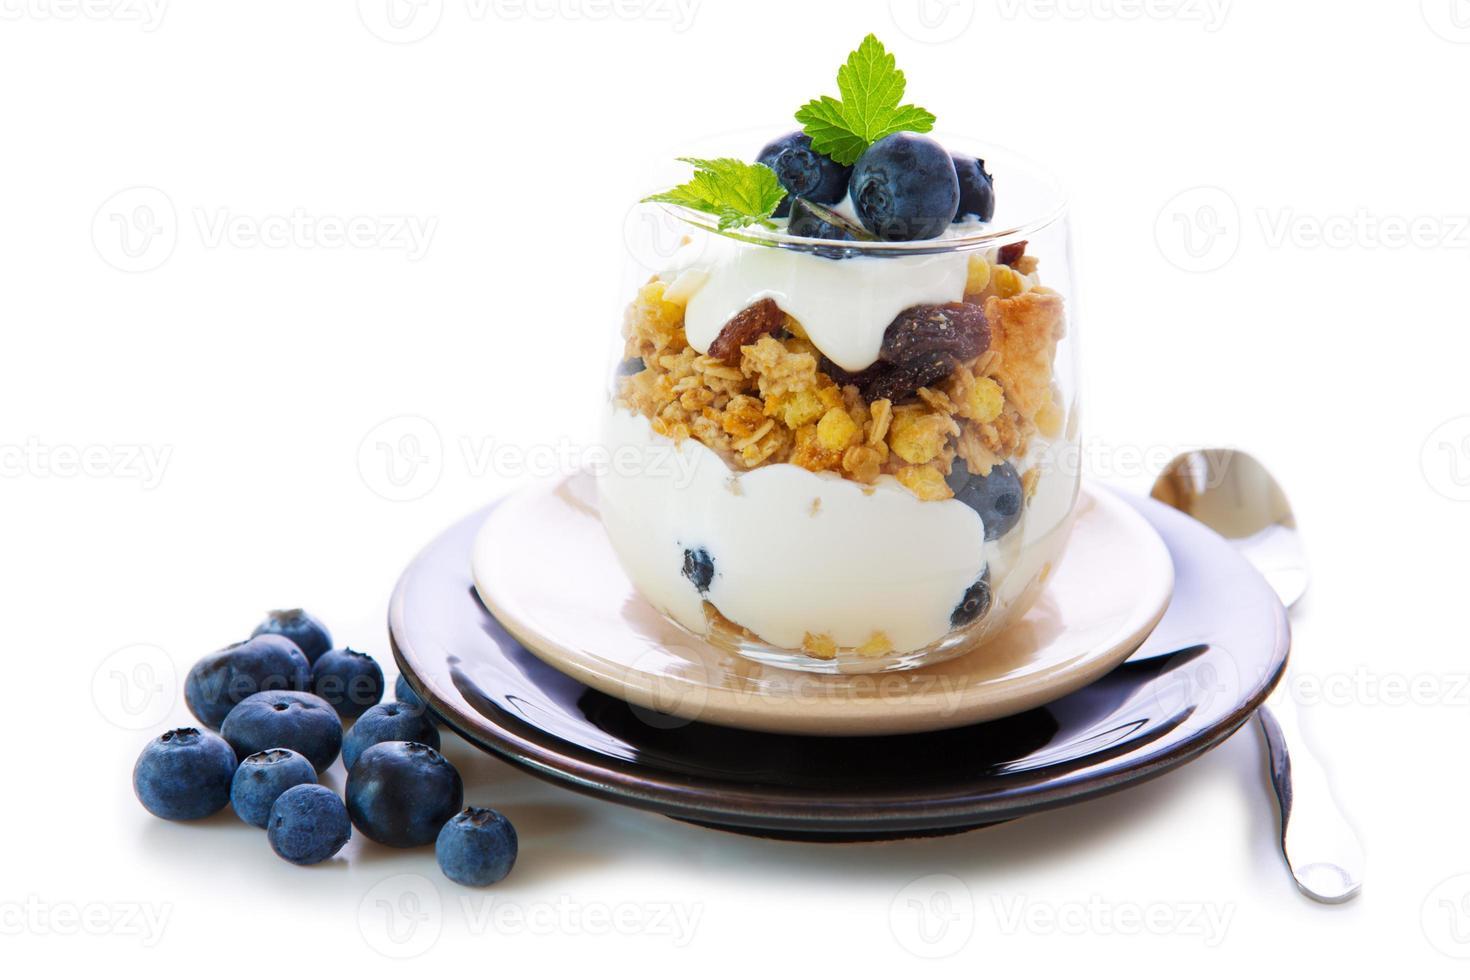 yaourt frais aux myrtilles. photo